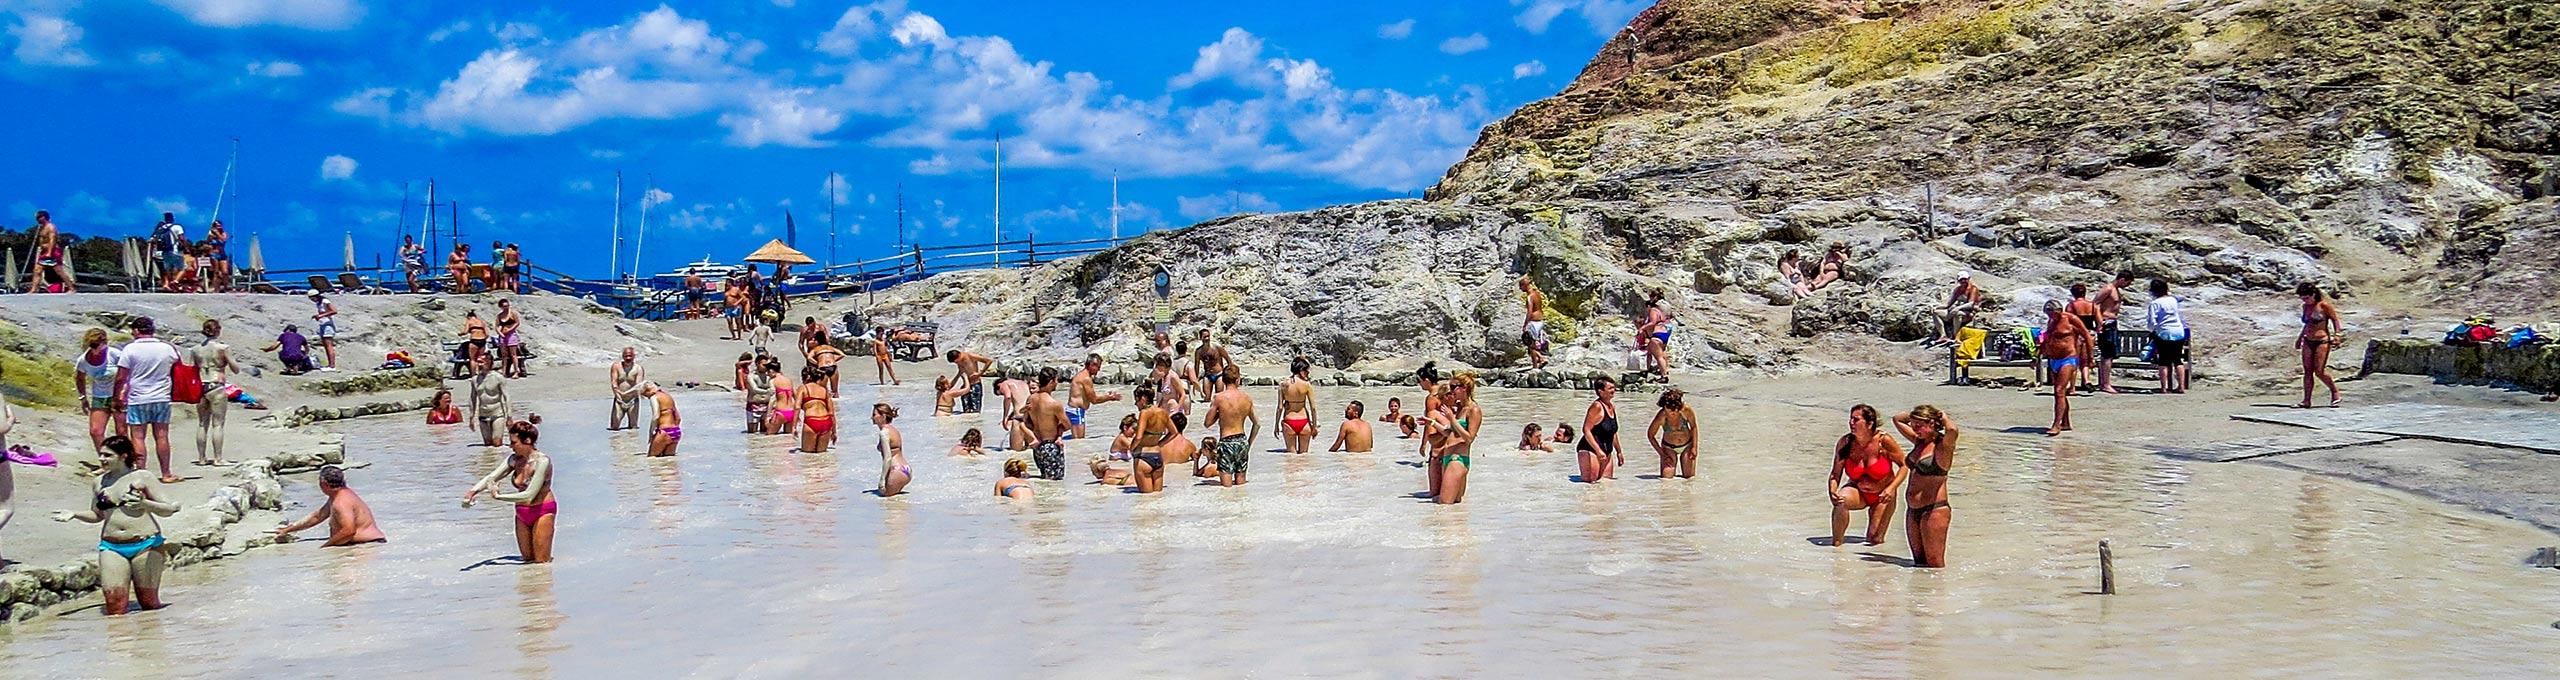 Bagni sulfurei nell'isola di Vulcano